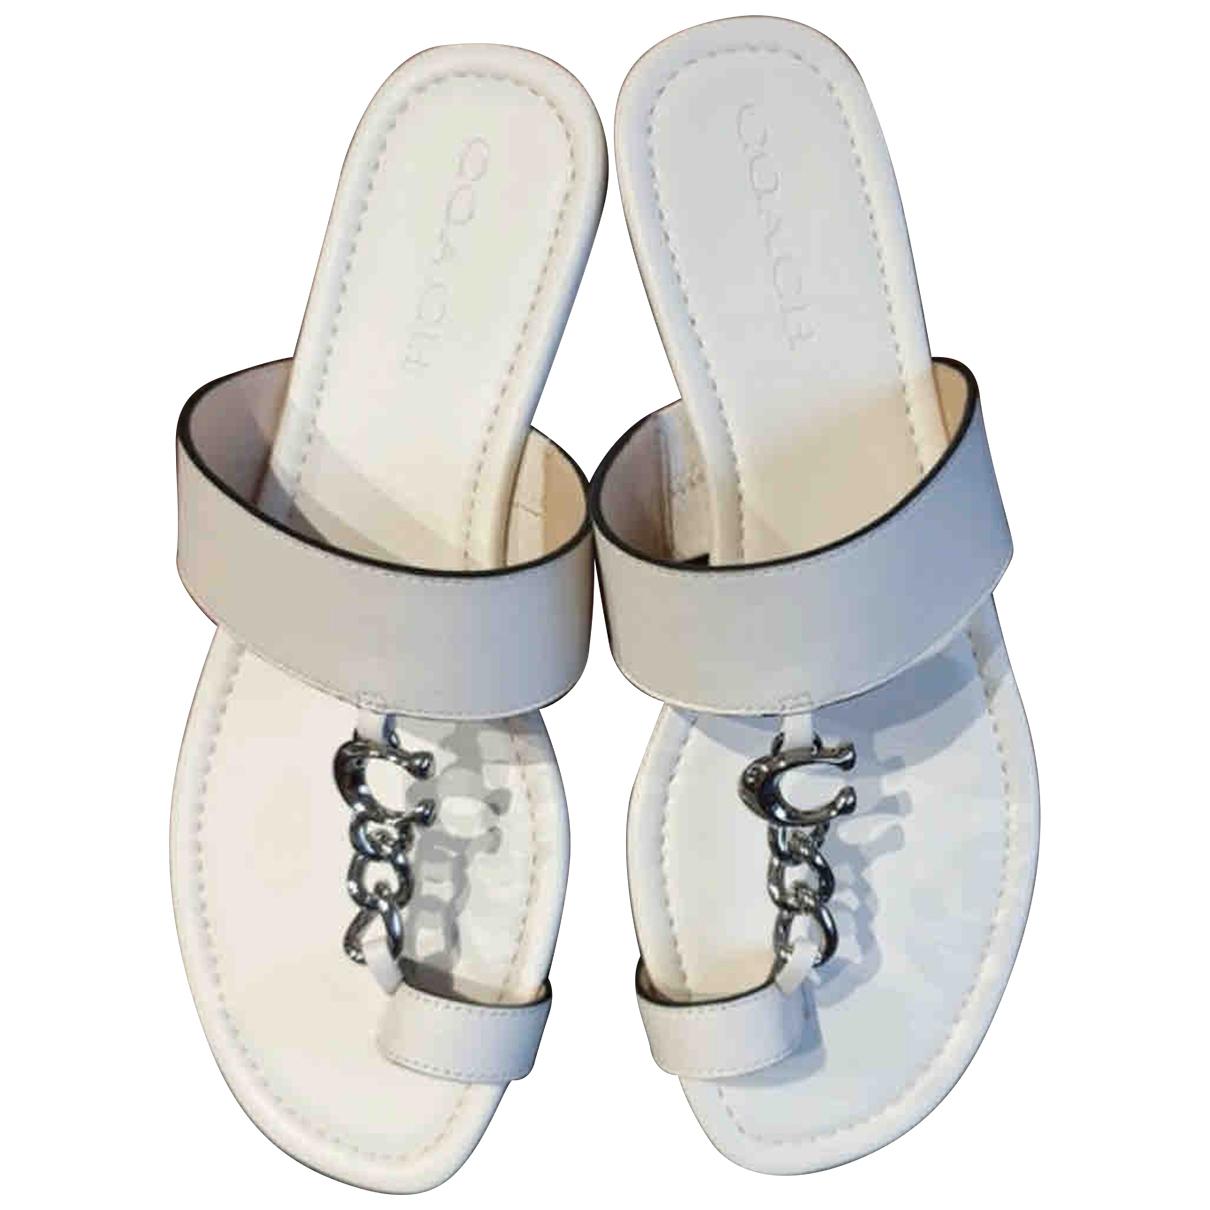 Sandalias romanas de Cuero Coach